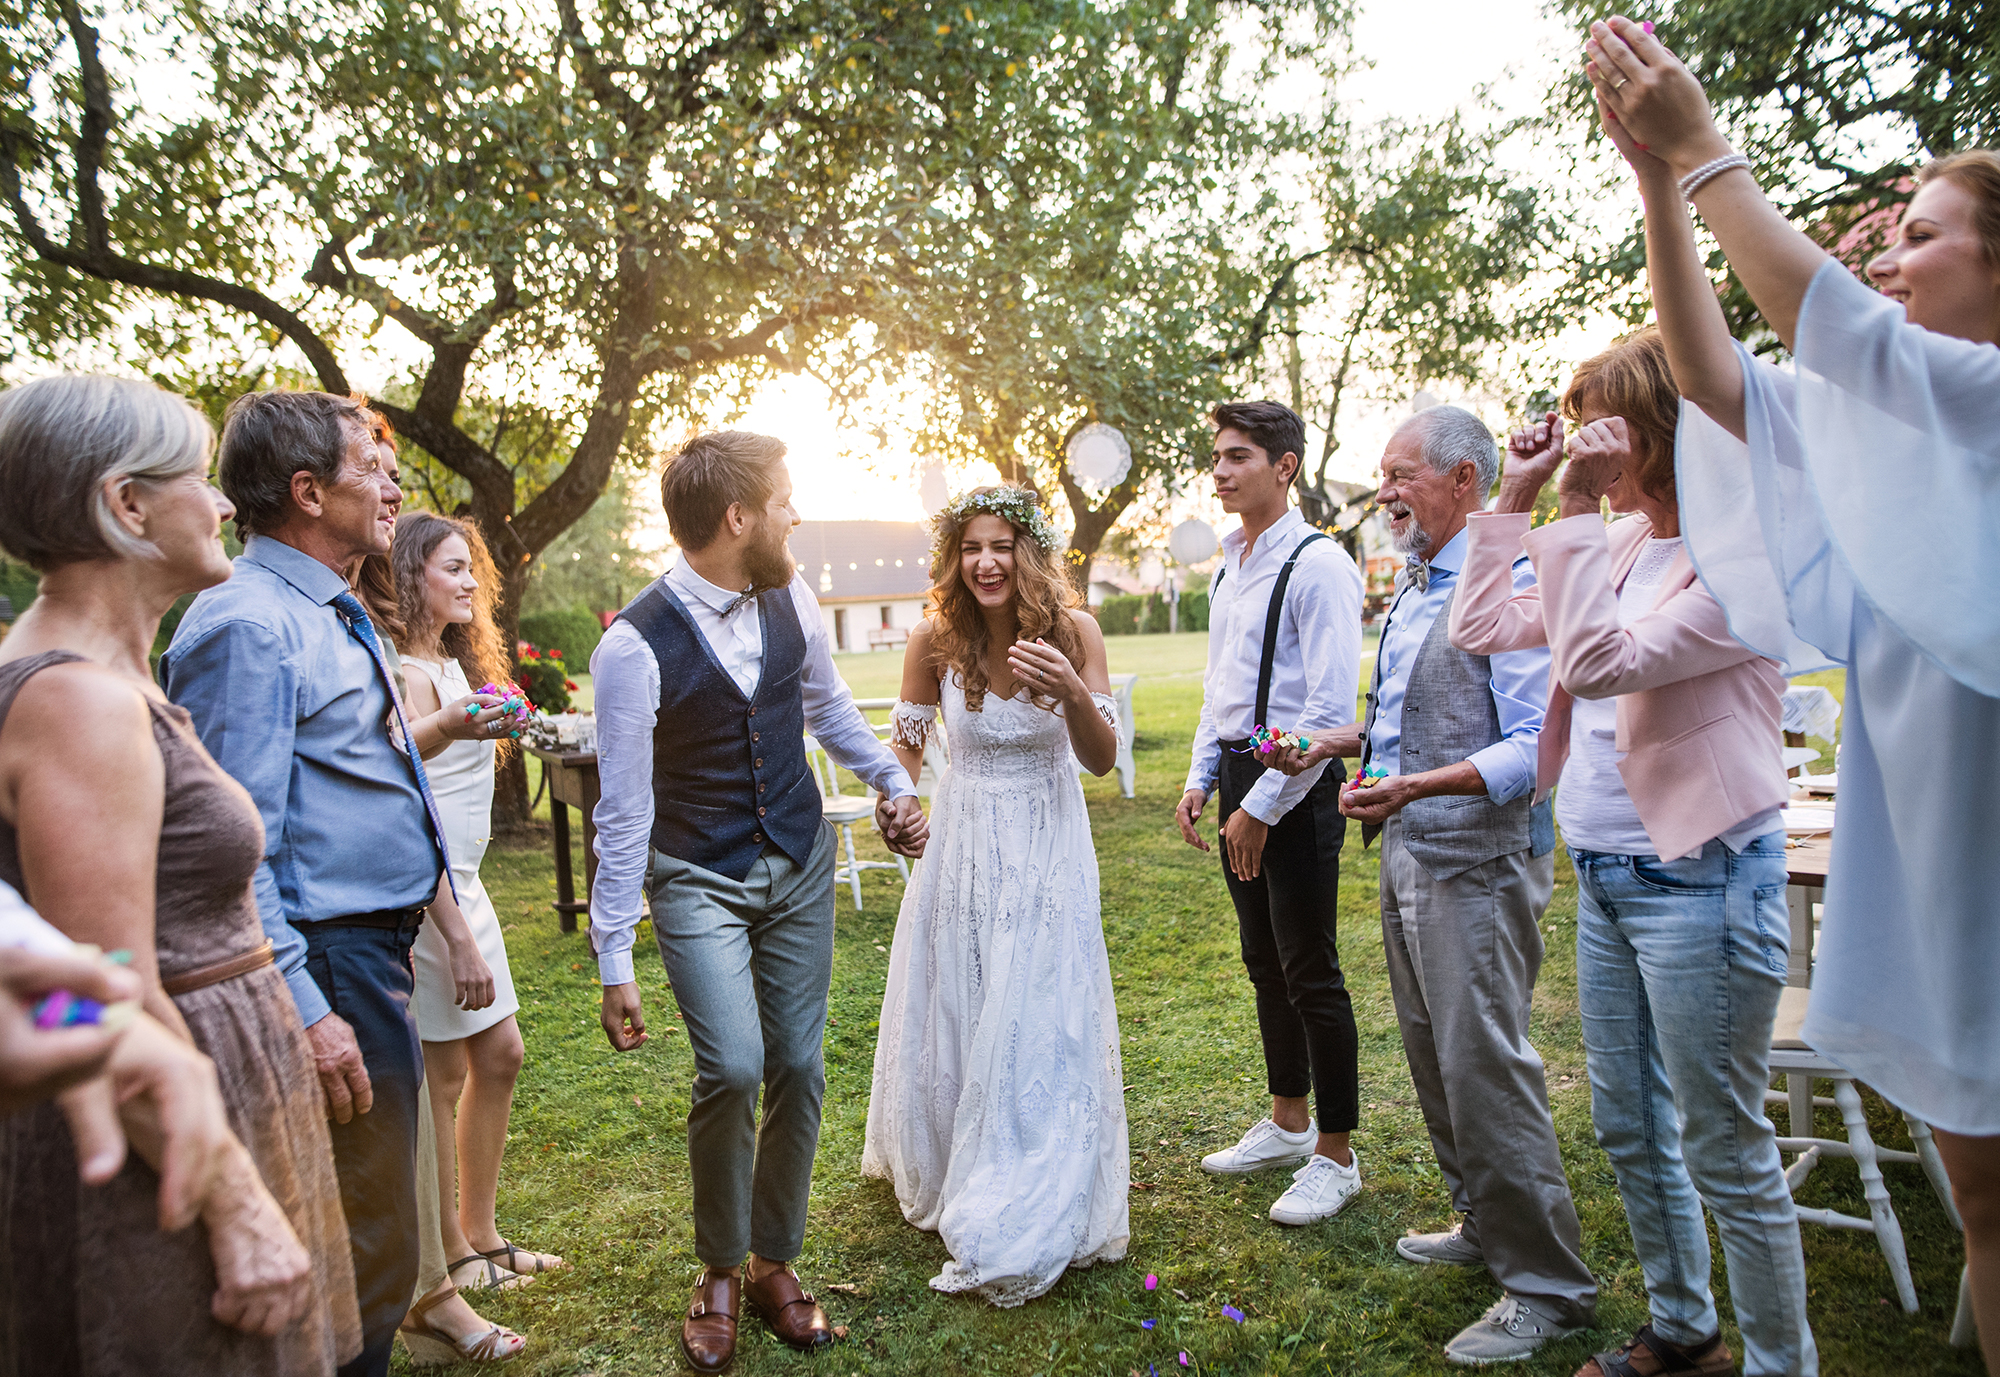 Dein Outfit als Hochzeitsgast: Diese Stilregeln solltest du beachten